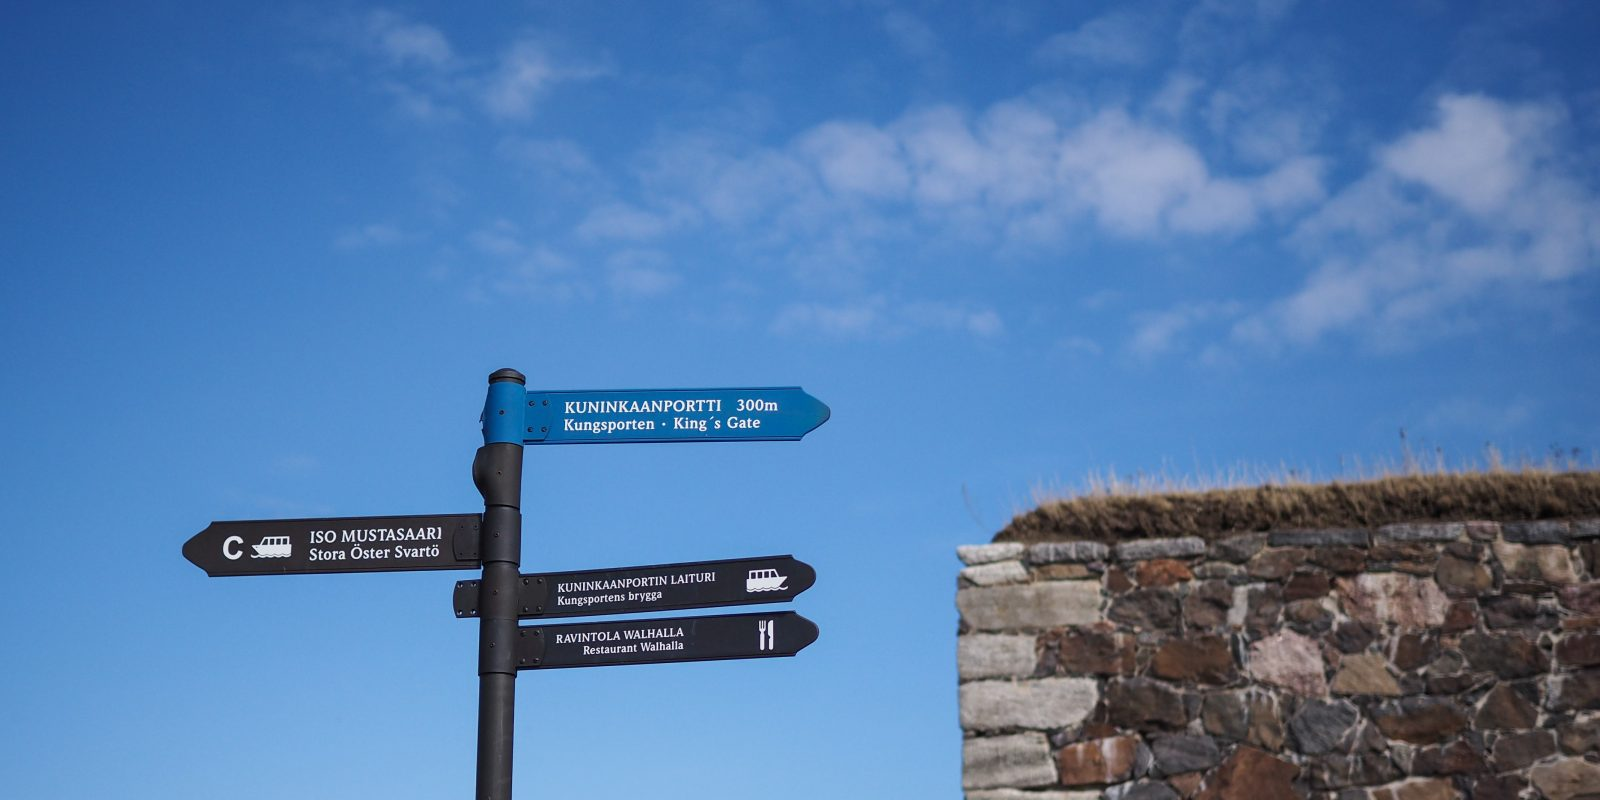 Kuvassa Suomenlinnan opaste, jossa ylin viitta on sininen ja muut viitat mustia. Taustalla sininen taivas ja muuria.